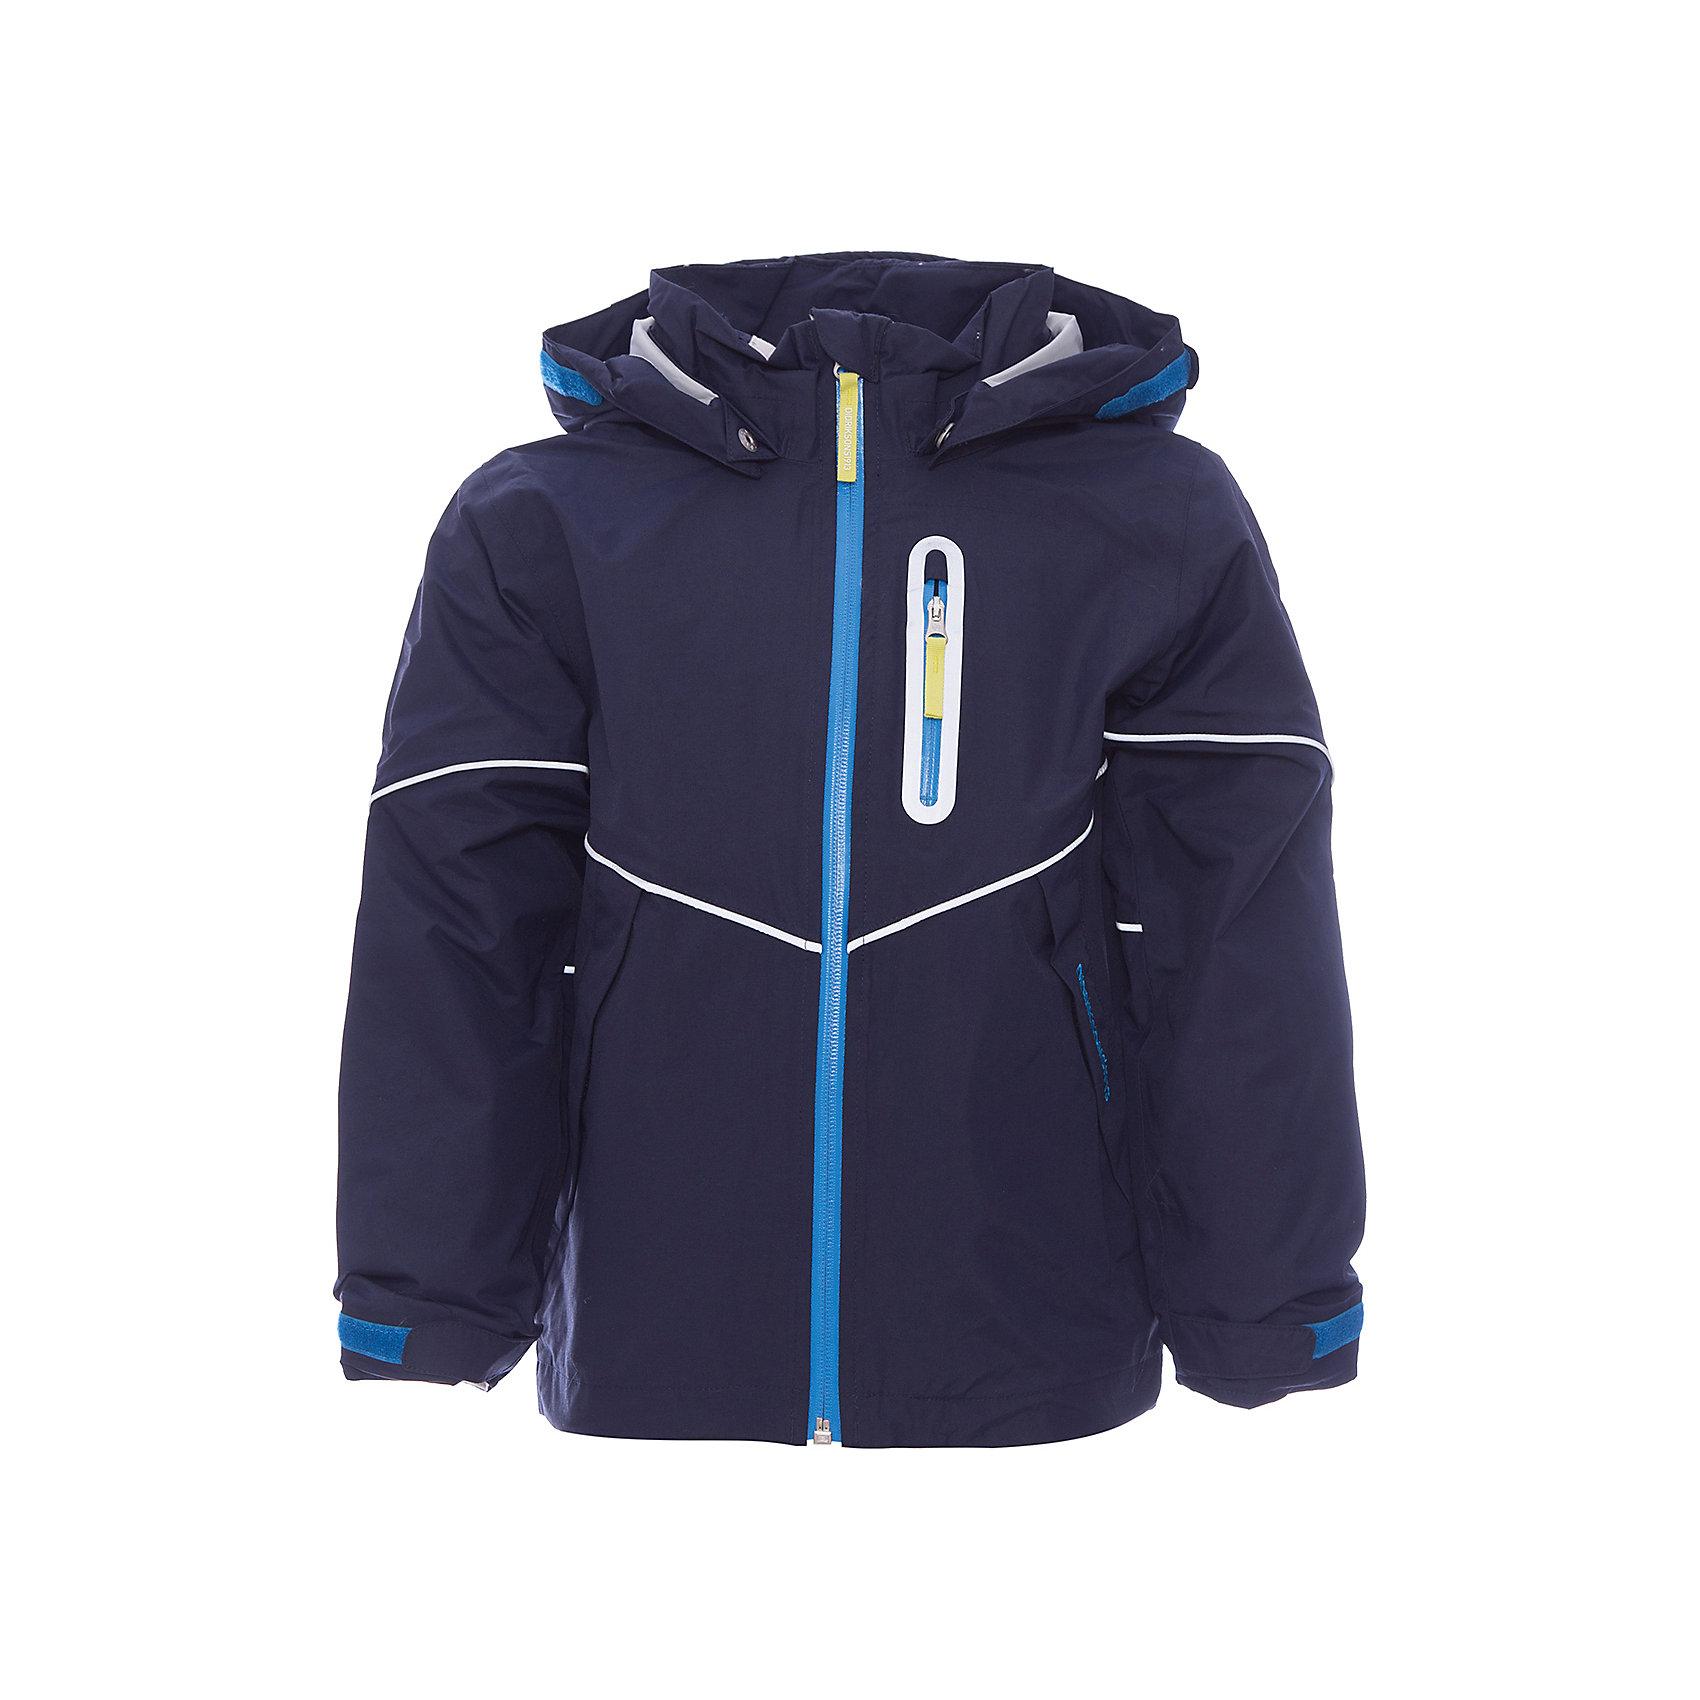 Куртка PANI для мальчика DIDRIKSONSВерхняя одежда<br>Куртка из непромокаемой и непродуваемой мембранной ткани. Все швы проклеены, что обеспечивает максимальную защиту от внешней влаги. Подкладка из полиэстера. Съемный регулируемый капюшон. Рукава -  на резинке. Светоотражатели по линии кокетки и вдоль нагрудной молнии. Модель растет вместе с ребенком: уникальный крой изделия позволяет при необходимости увеличить длину рукавов на один размер, распустив специальный внутренний шов. Практичная демисезонная куртка - идеальный вариант для прогулок на свежем воздухе в весеннюю или осеннюю пору. <br>Состав:<br>Верх - 100% полиамид, подкладка - 100% полиэстер<br><br>Ширина мм: 356<br>Глубина мм: 10<br>Высота мм: 245<br>Вес г: 519<br>Цвет: голубой<br>Возраст от месяцев: 108<br>Возраст до месяцев: 120<br>Пол: Мужской<br>Возраст: Детский<br>Размер: 140,130,120,80,110,90,100<br>SKU: 5527255